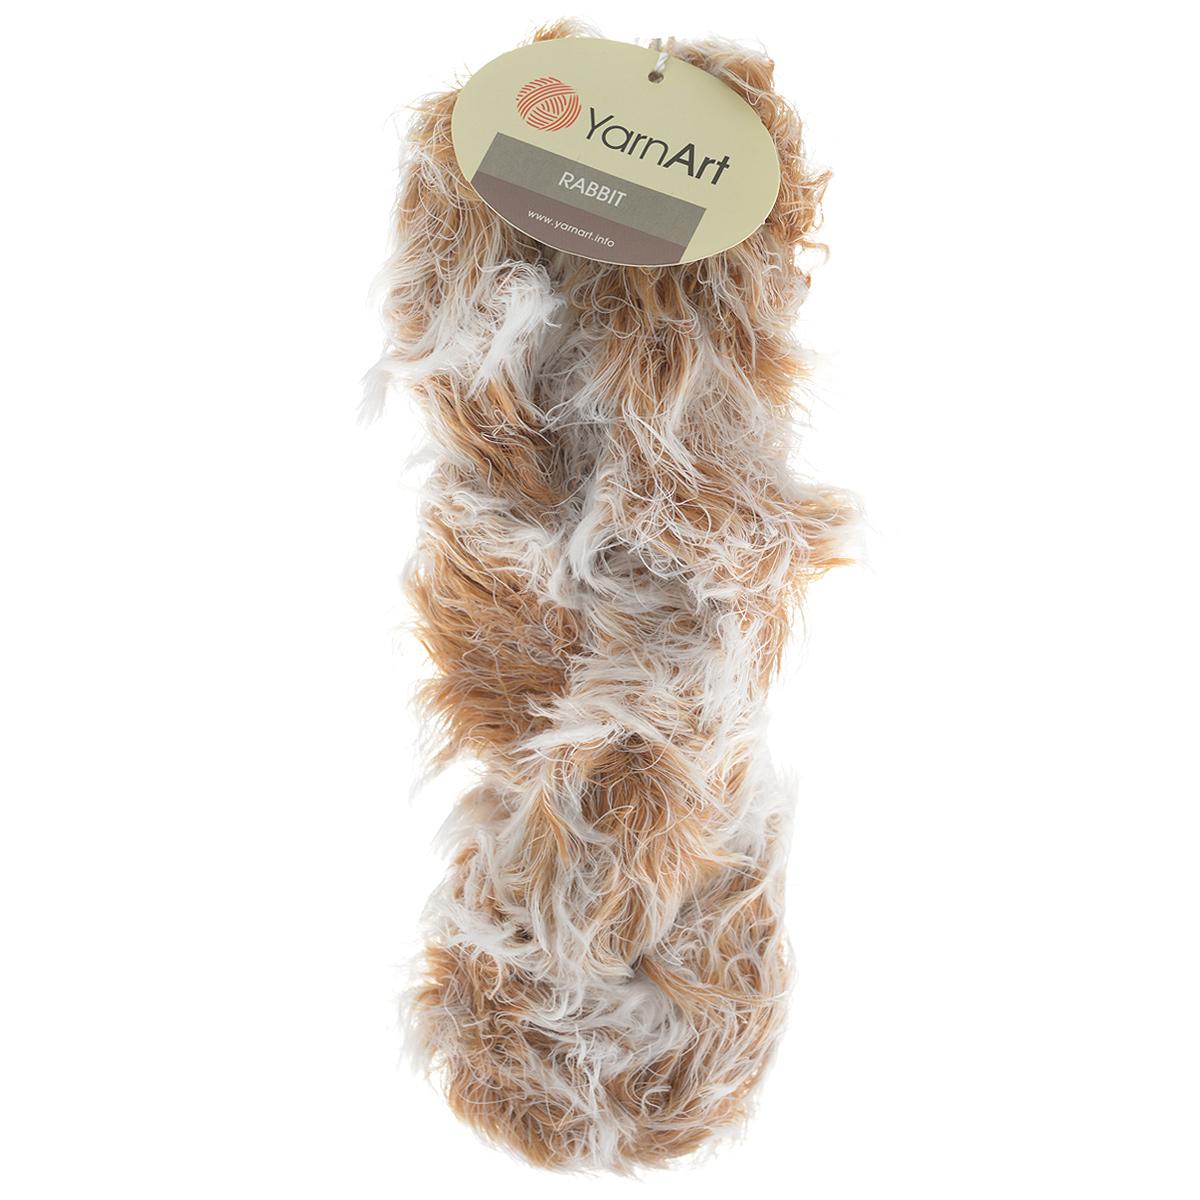 Пряжа для вязания YarnArt Rabbit, цвет: белый, светло-коричневый (554), 90 м, 100 г, 4 шт693354_554Пряжа Rabbit - новинка, имитирующая мех кролика фантазийной окраски. Нить тонкая с длинным ворсом. Подходит в качестве отделки одежды, а также в качестве основной пряжи. Вязать лучше всего лицевой гладью, тогда изделие получится мягким и пушистым, как настоящий мех. Состав: 100% полиамид. Рекомендованные спицы и крючок № 6-6,5.